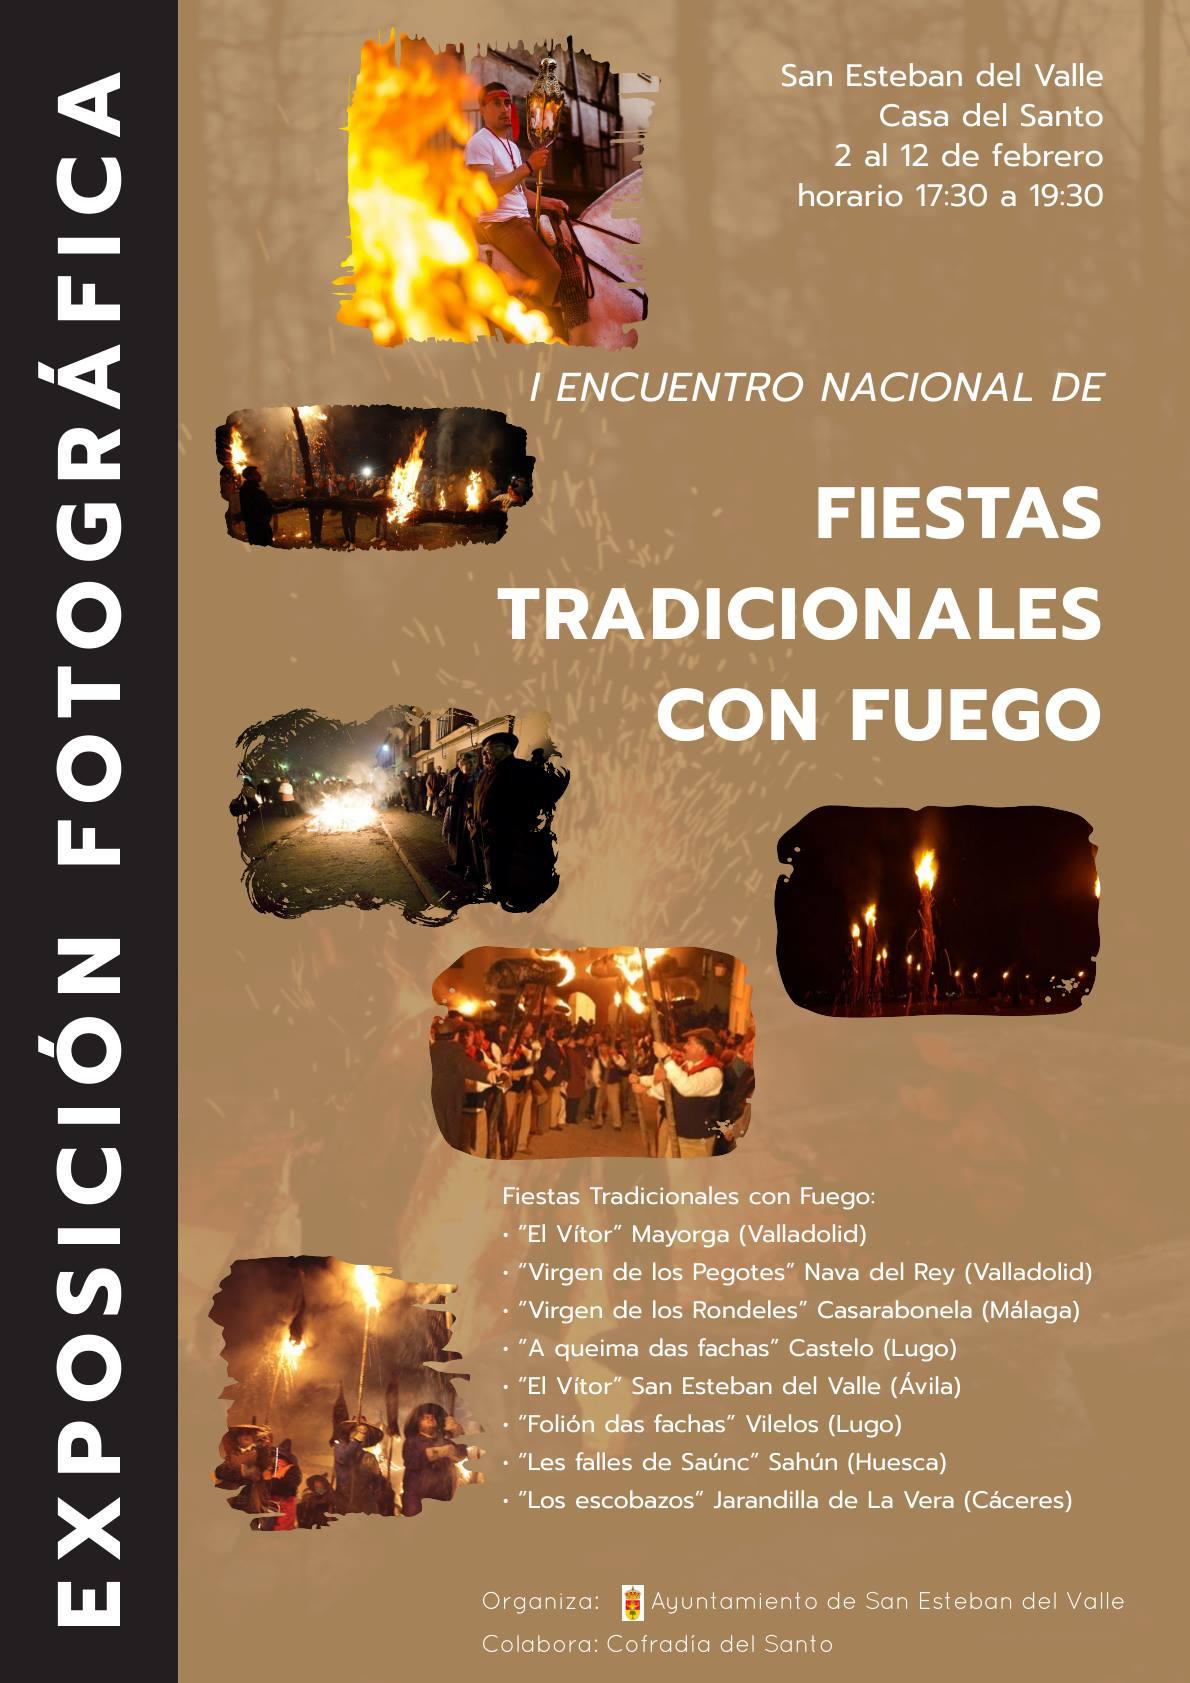 Fiestas de San Pedro Bautista en San Esteban del Valle 2019 - TiétarTeVe